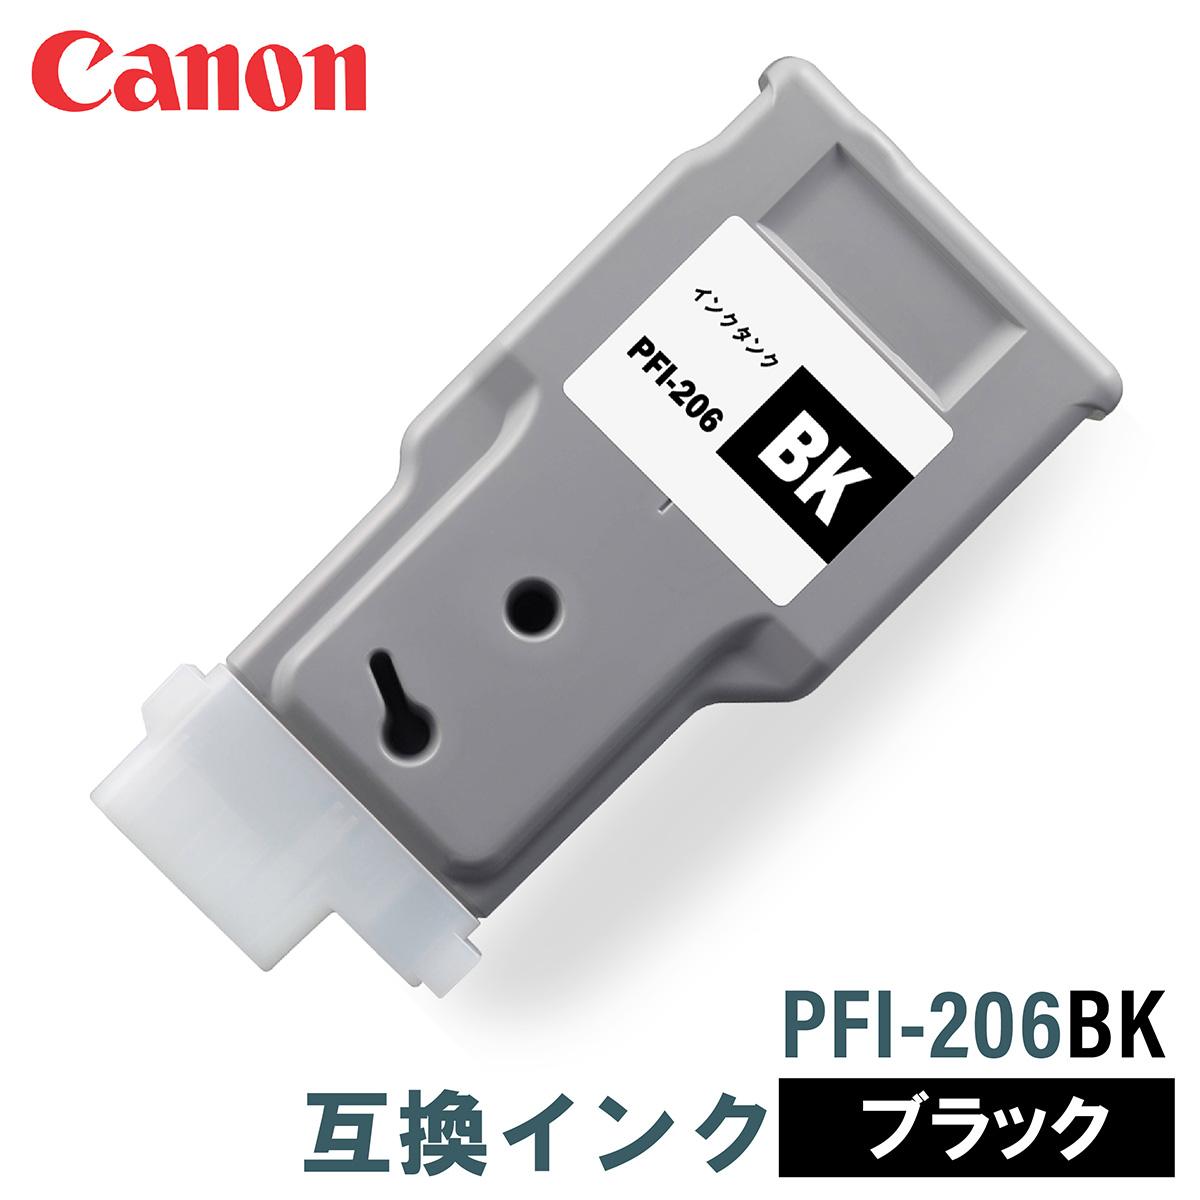 キヤノン 互換インク CANON PFI-206BK ブラック 300ml